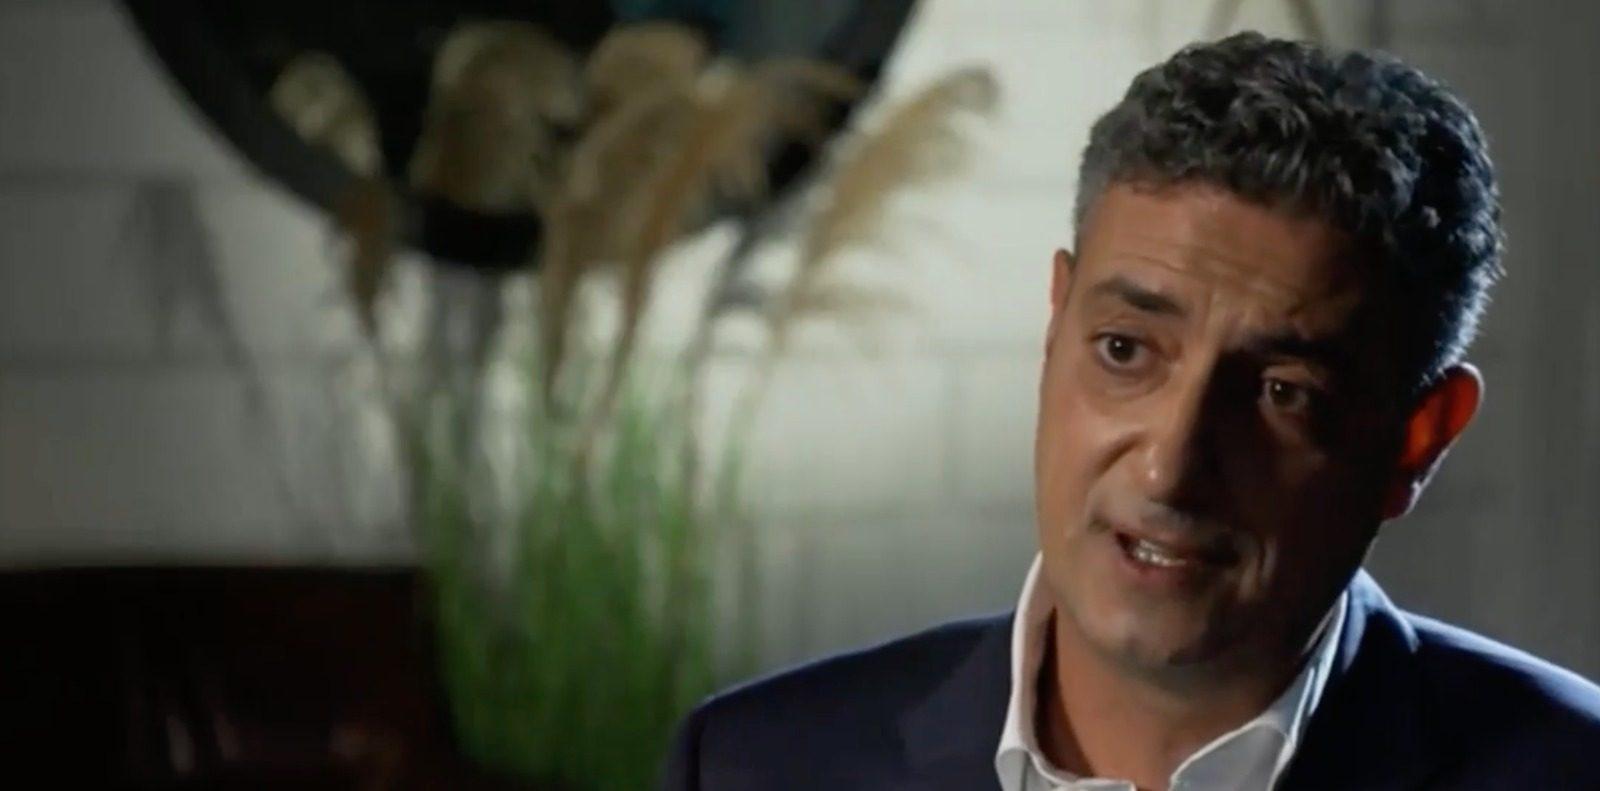 ישראל בכר – ההבדלים בין אסטרטגיה שיווקית לאסטרטגיה פוליטית